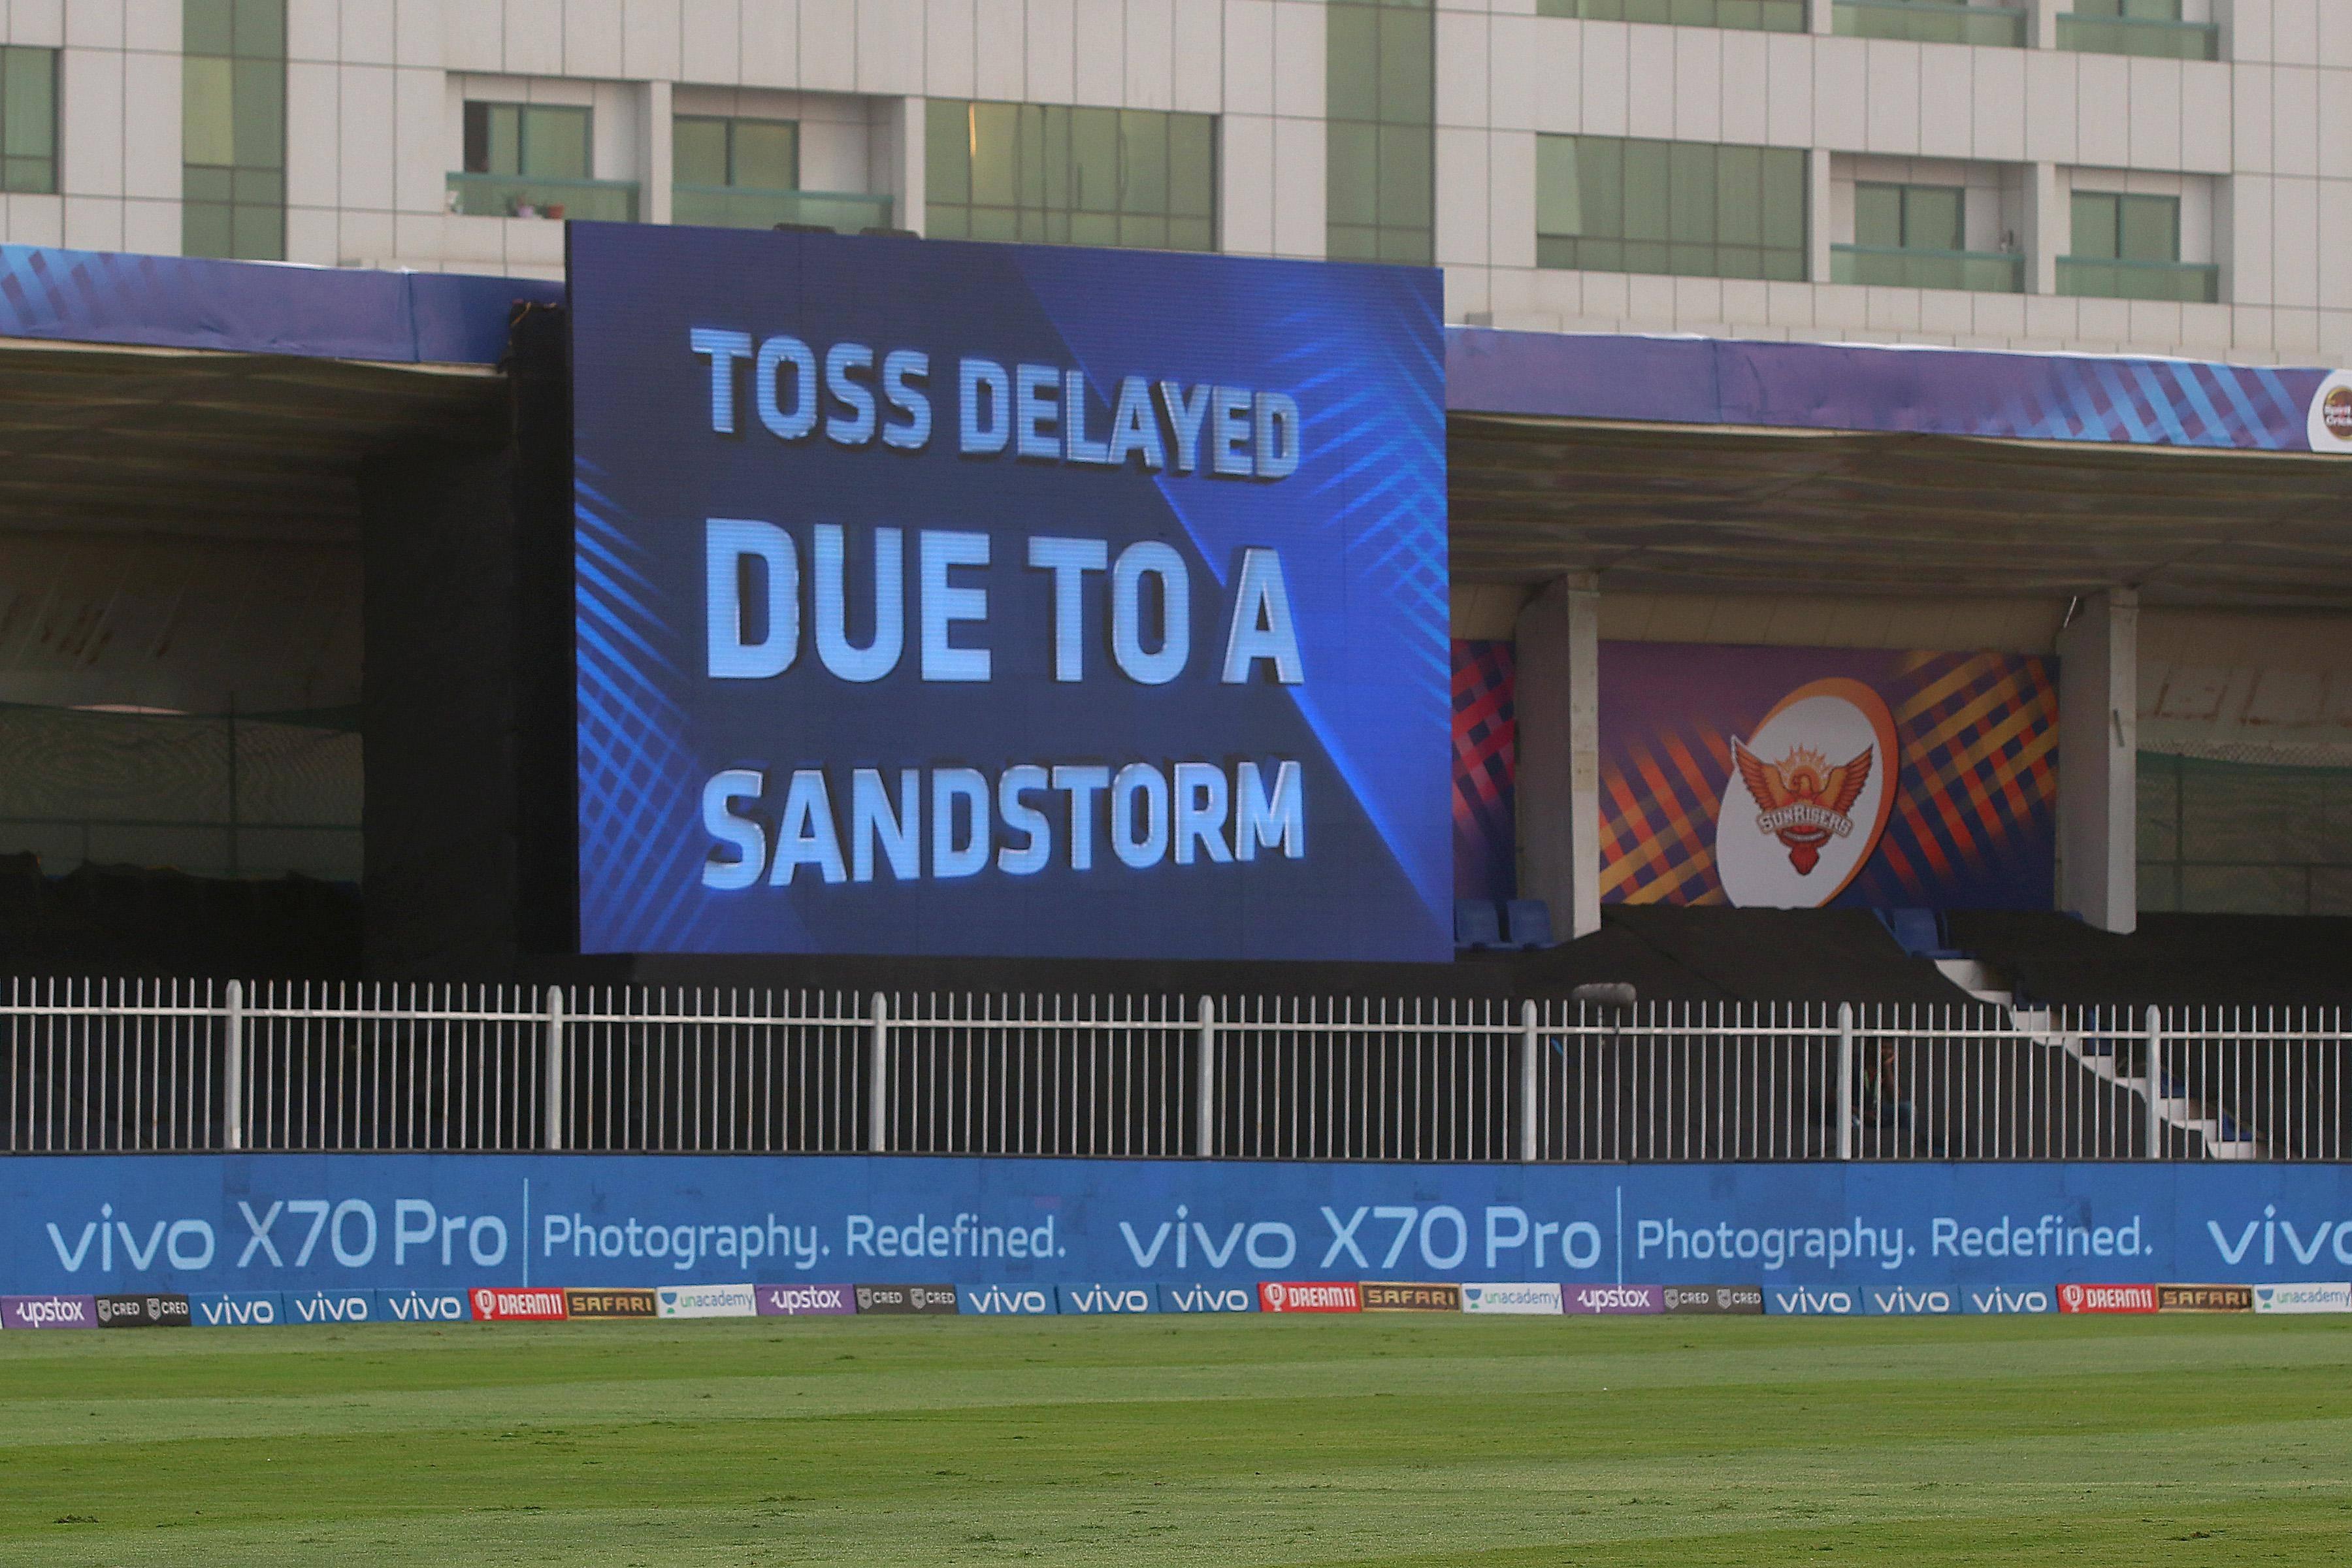 IPL 2021: RCB-CSK game delayed by UAE sandstorm